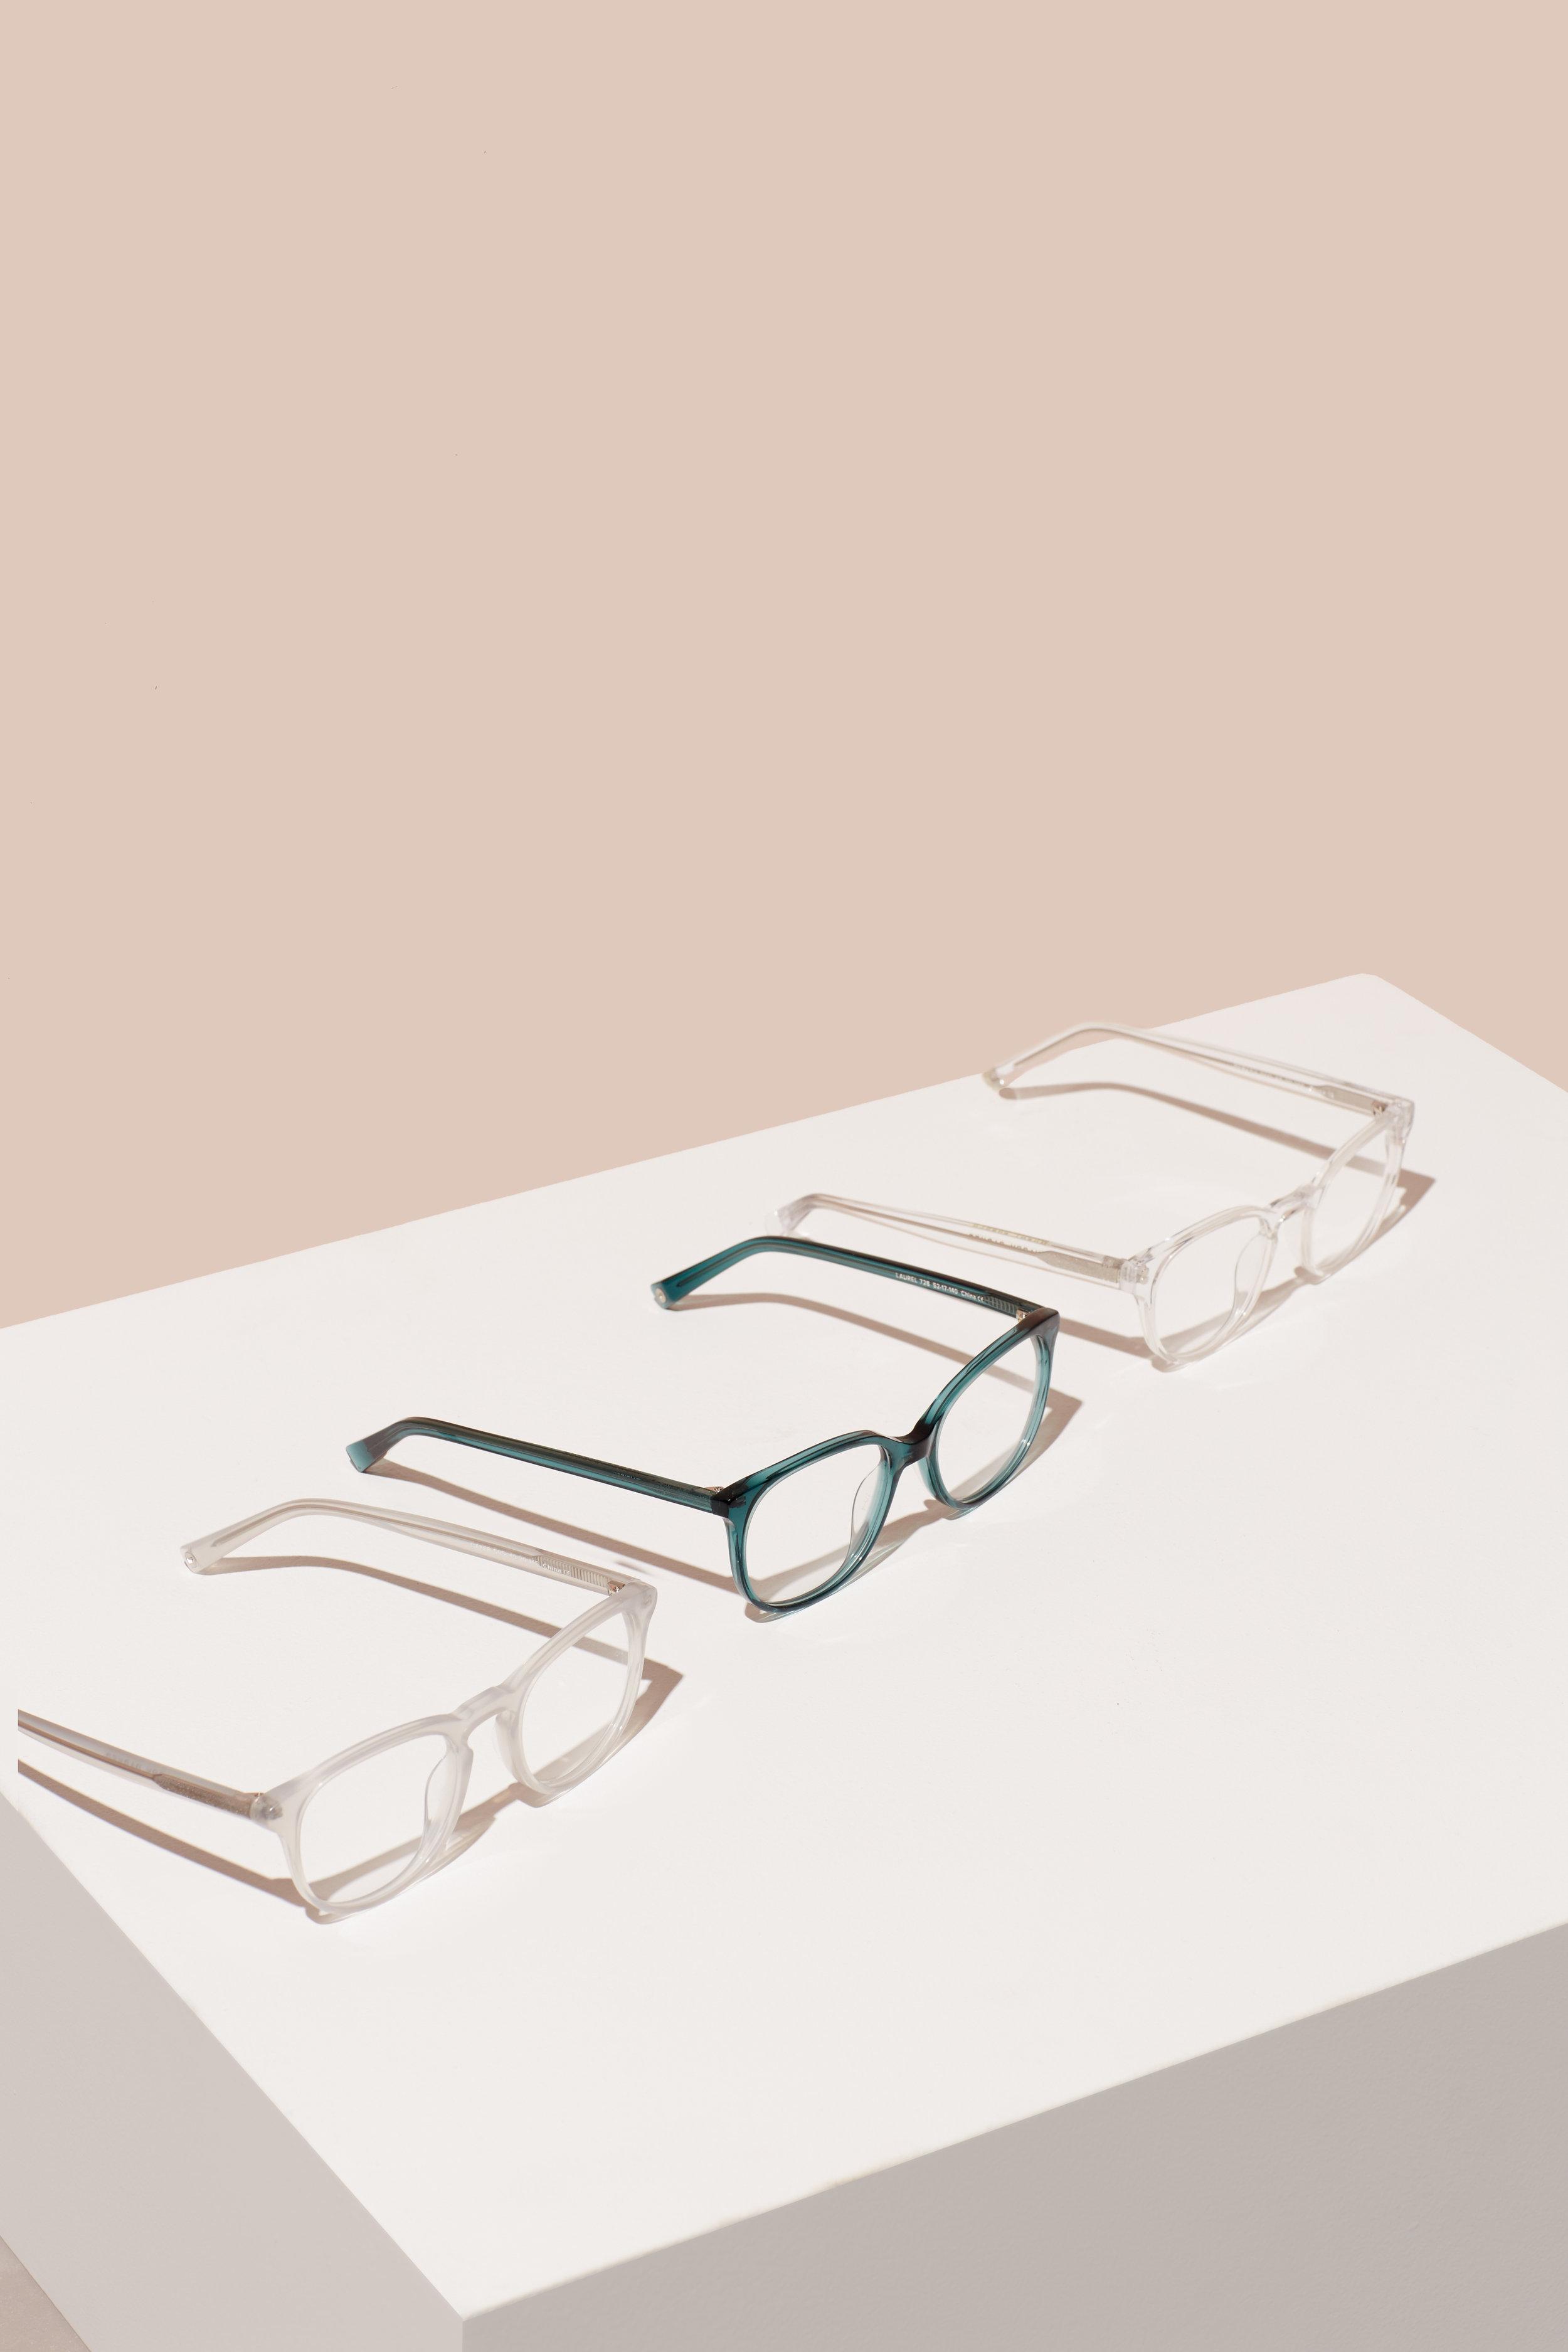 3-pair-1 more.jpg